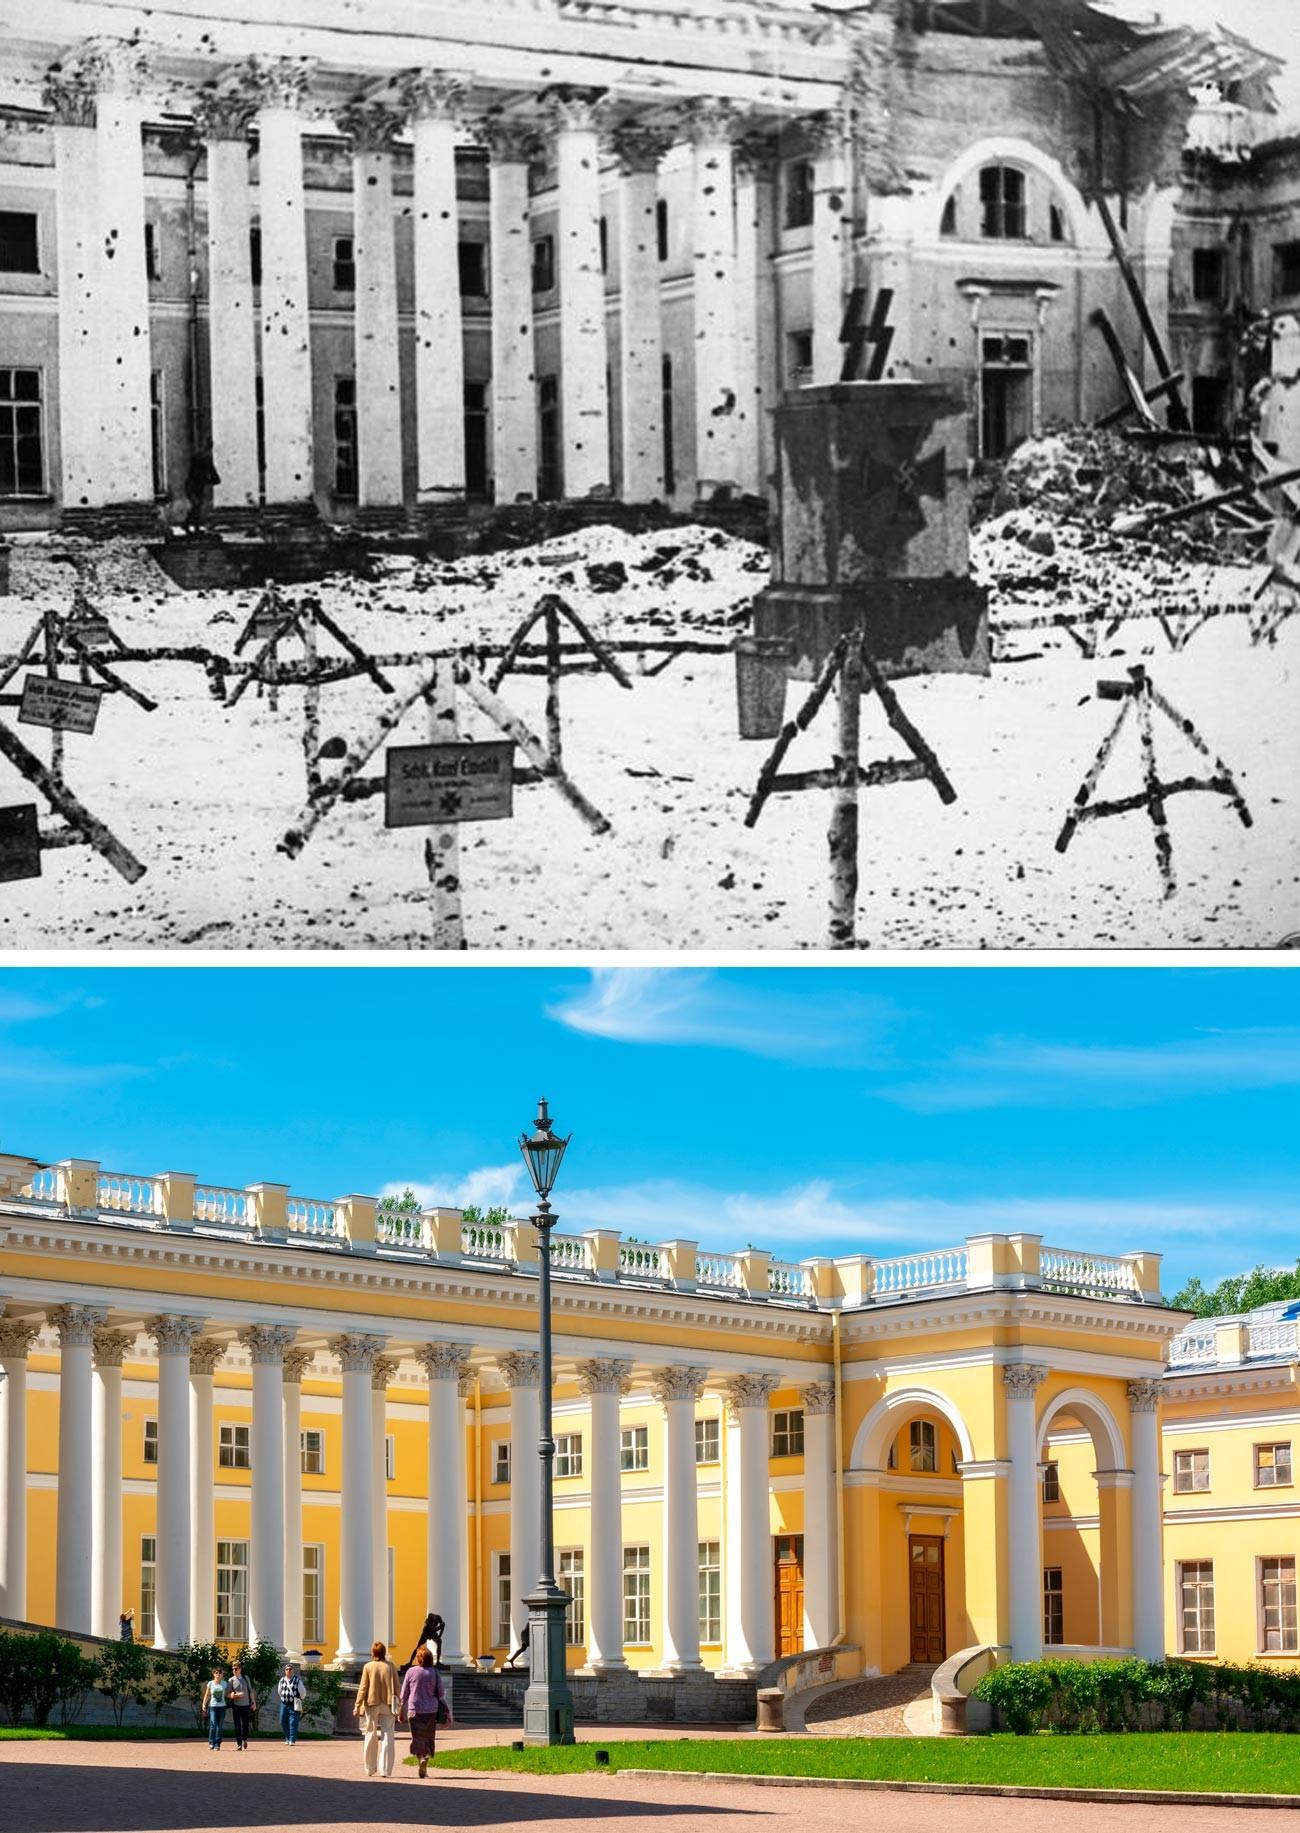 ドイツ軍はツァールスコエ・セローのアレクサンドル宮殿の手前の空間を墓地にした